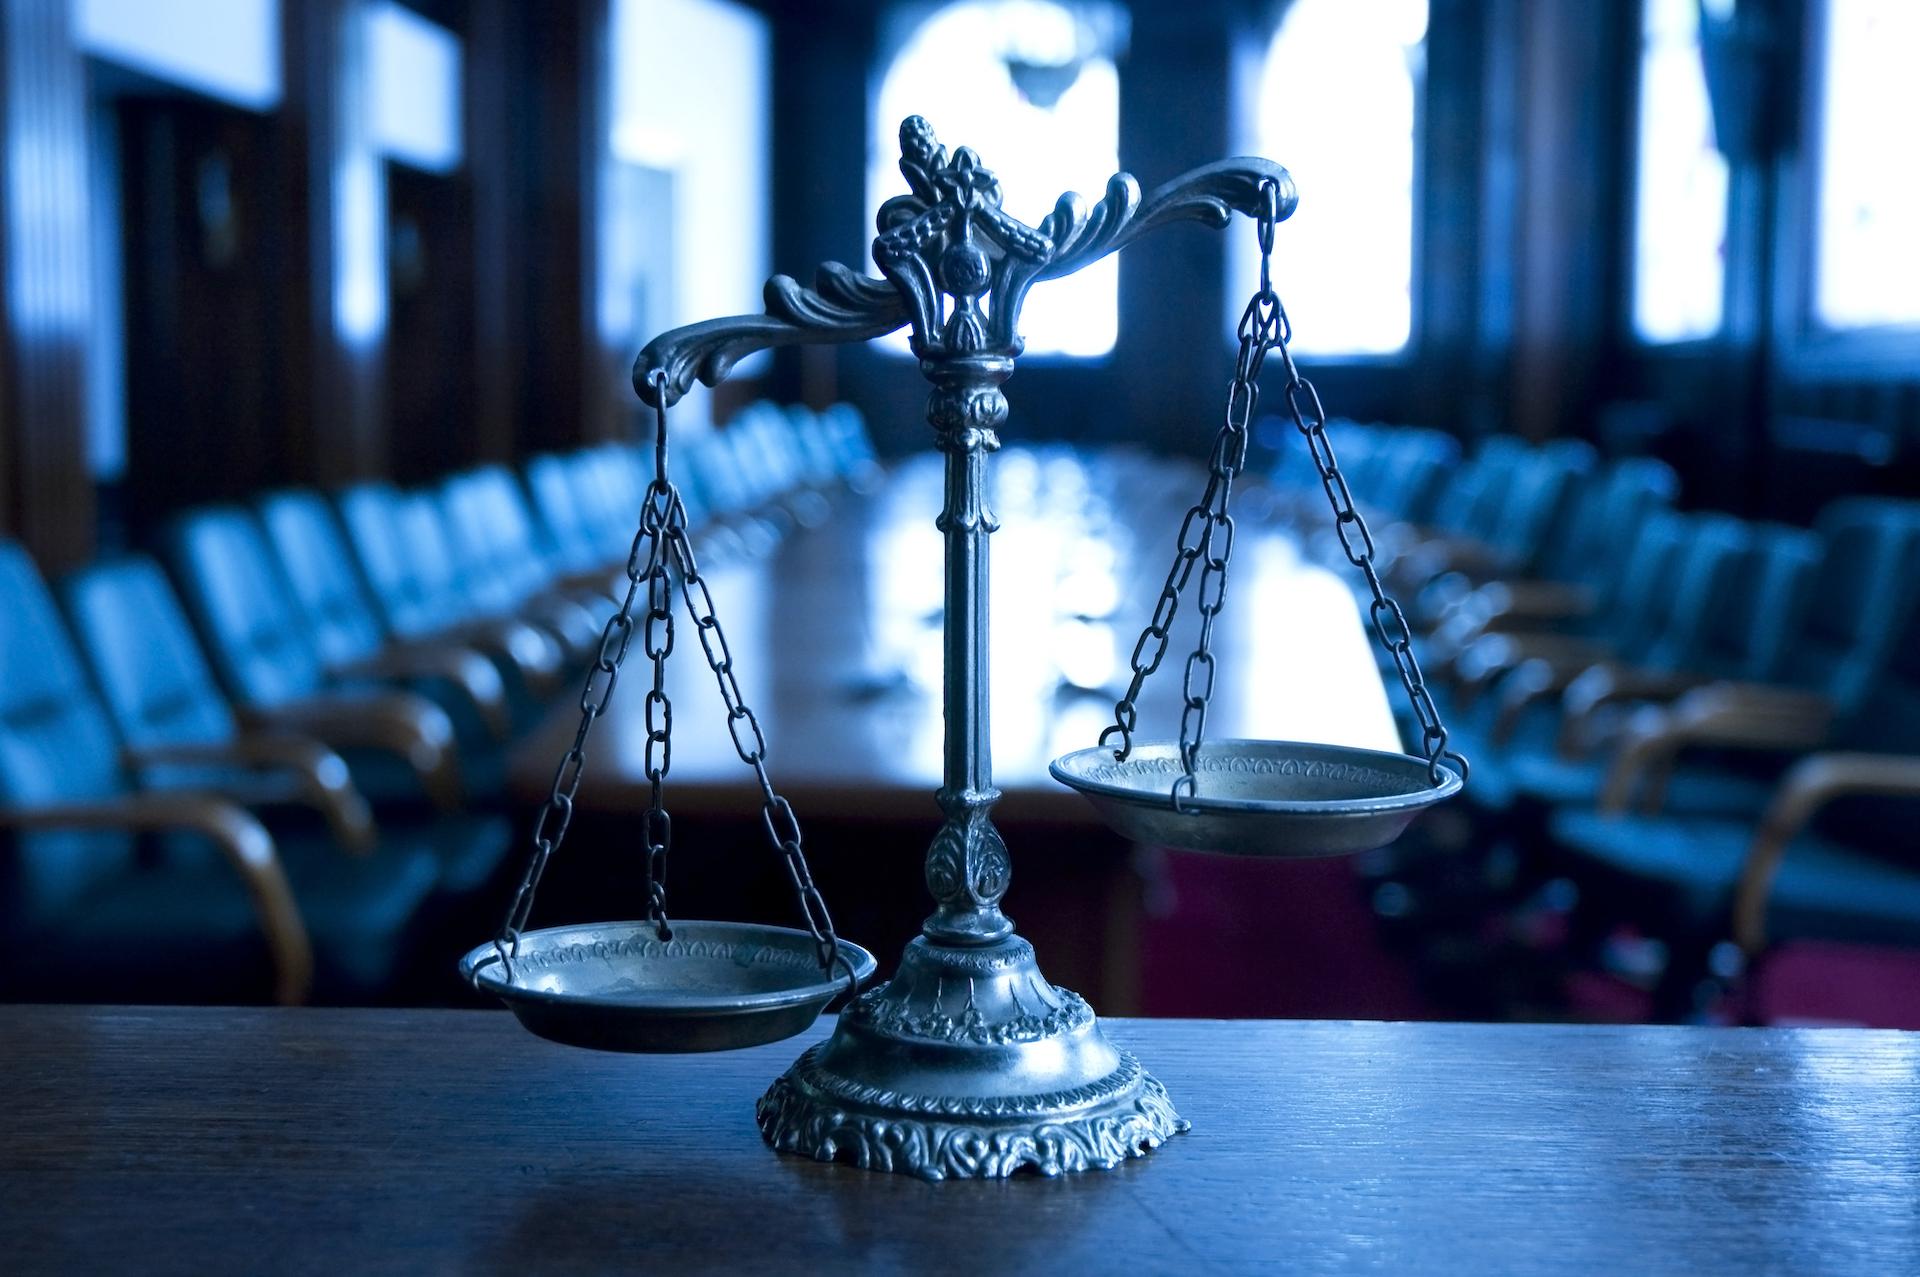 Keď súdy nechránia, ale ohrozujú (komentár)